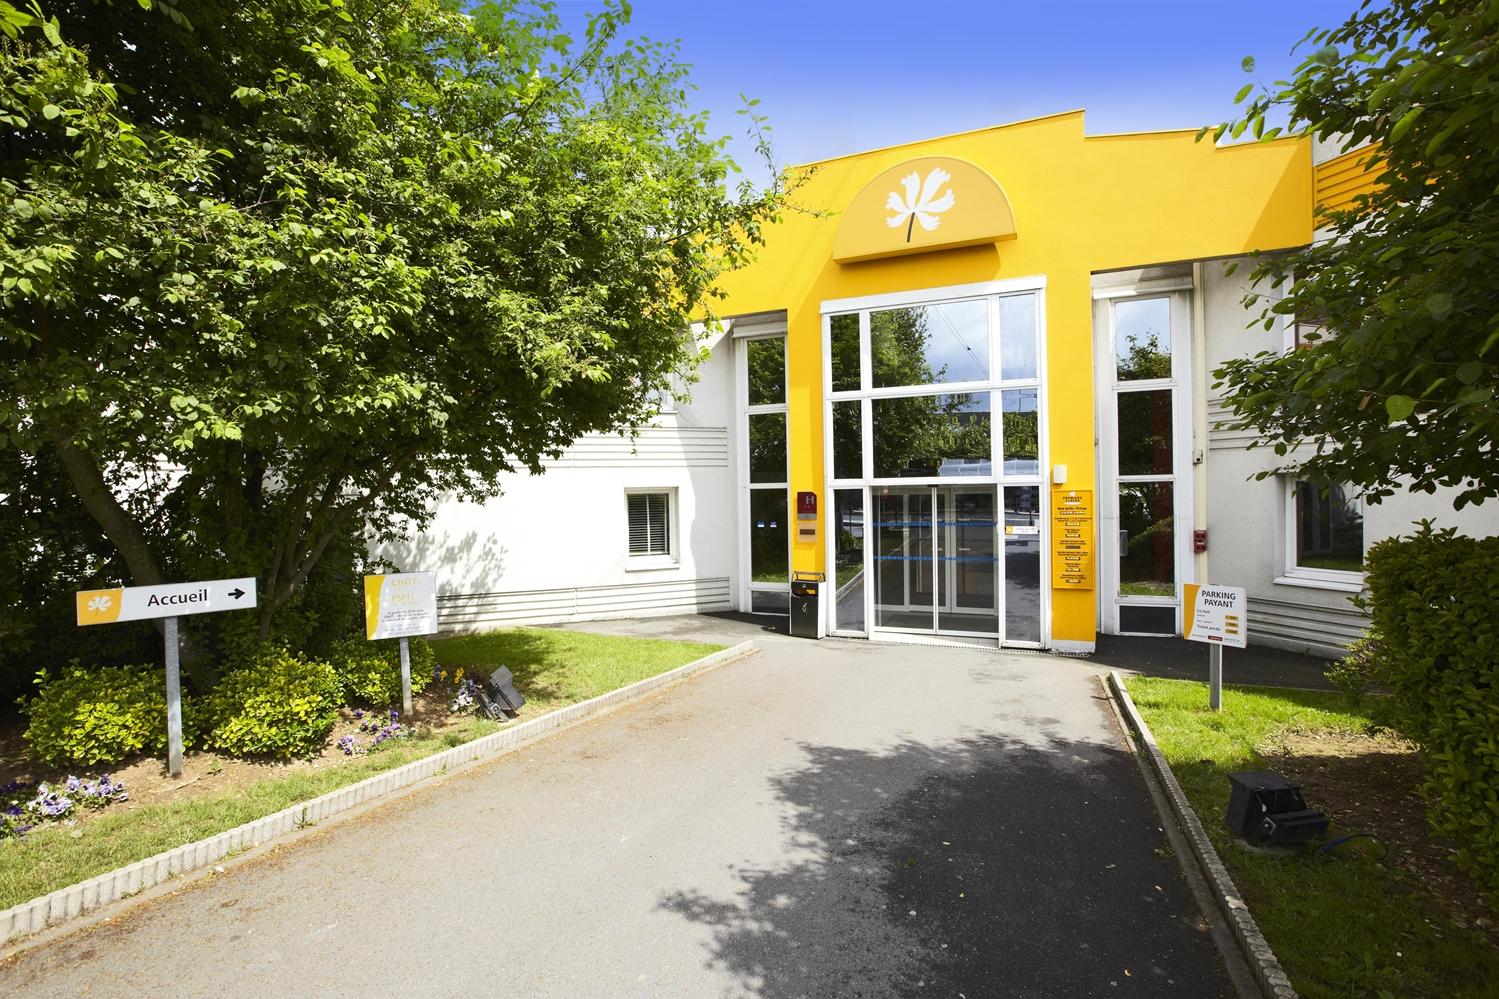 HOTEL PREMIERE CLASSE Roissy CDG - Paris Nord 2 - Parc des Expositions